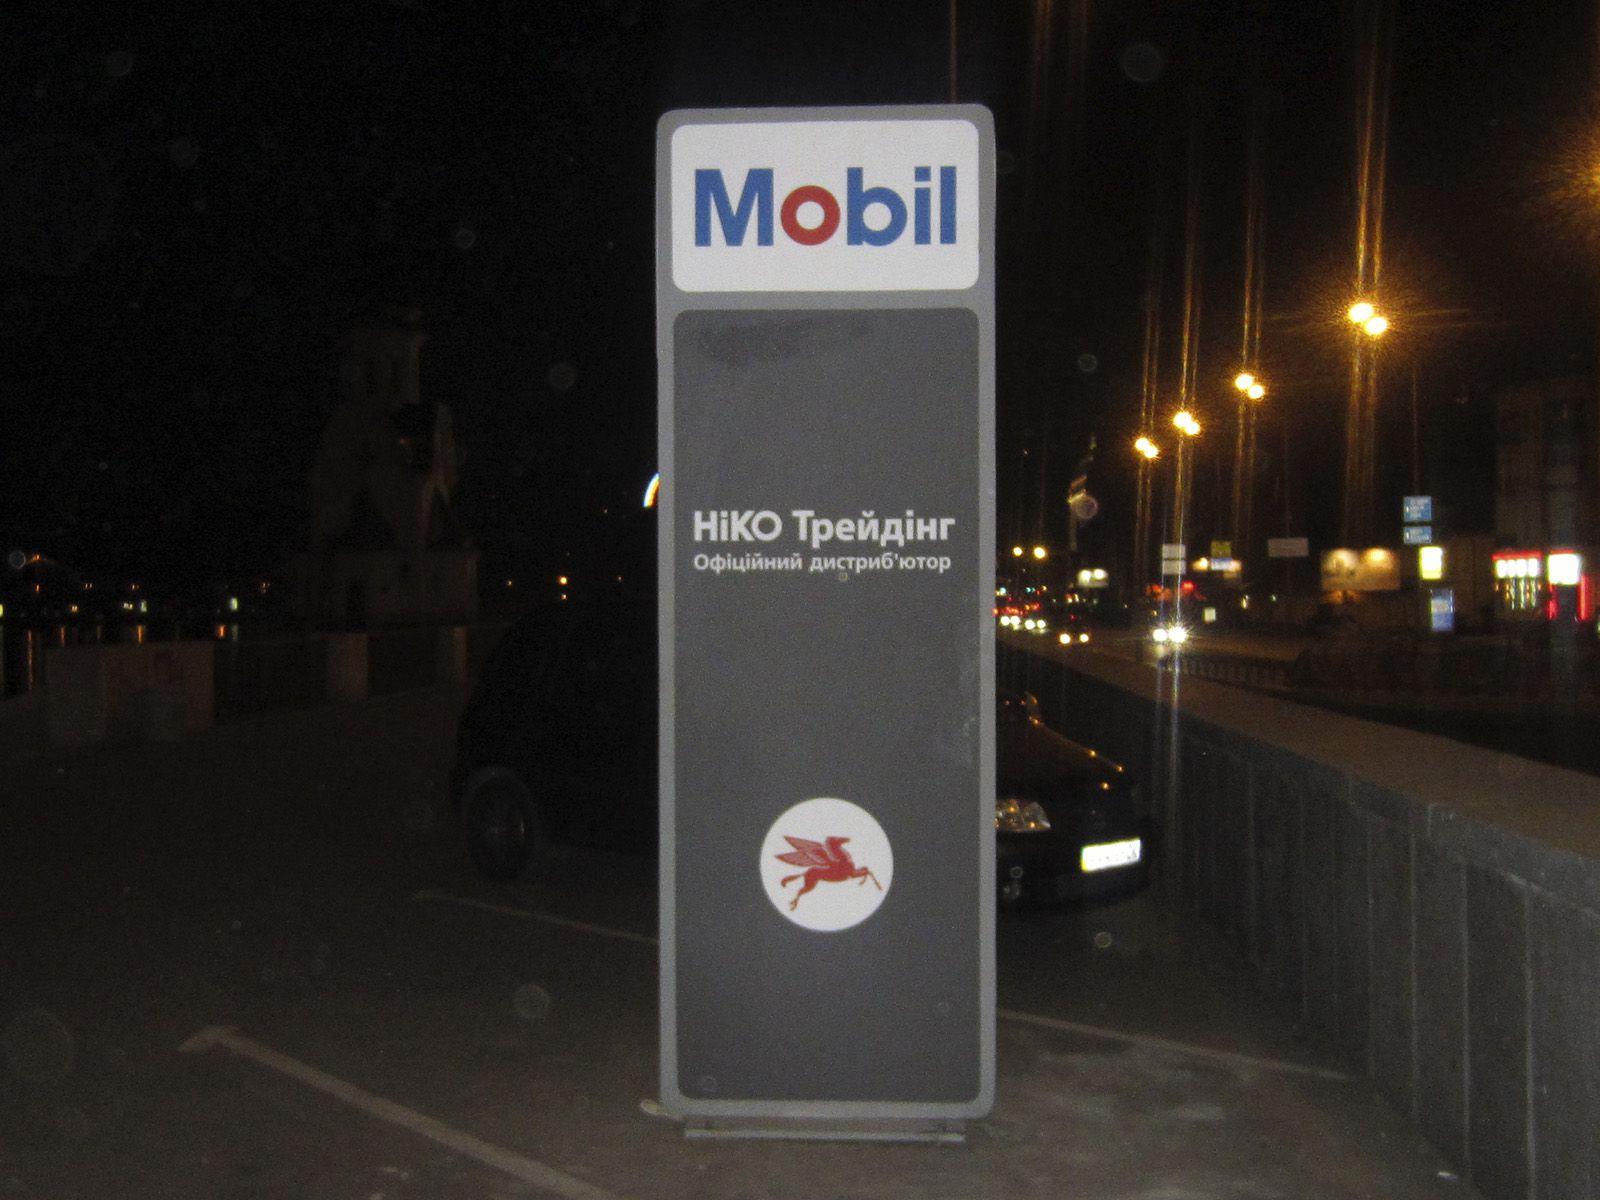 Стела-лайтбокс Mobil